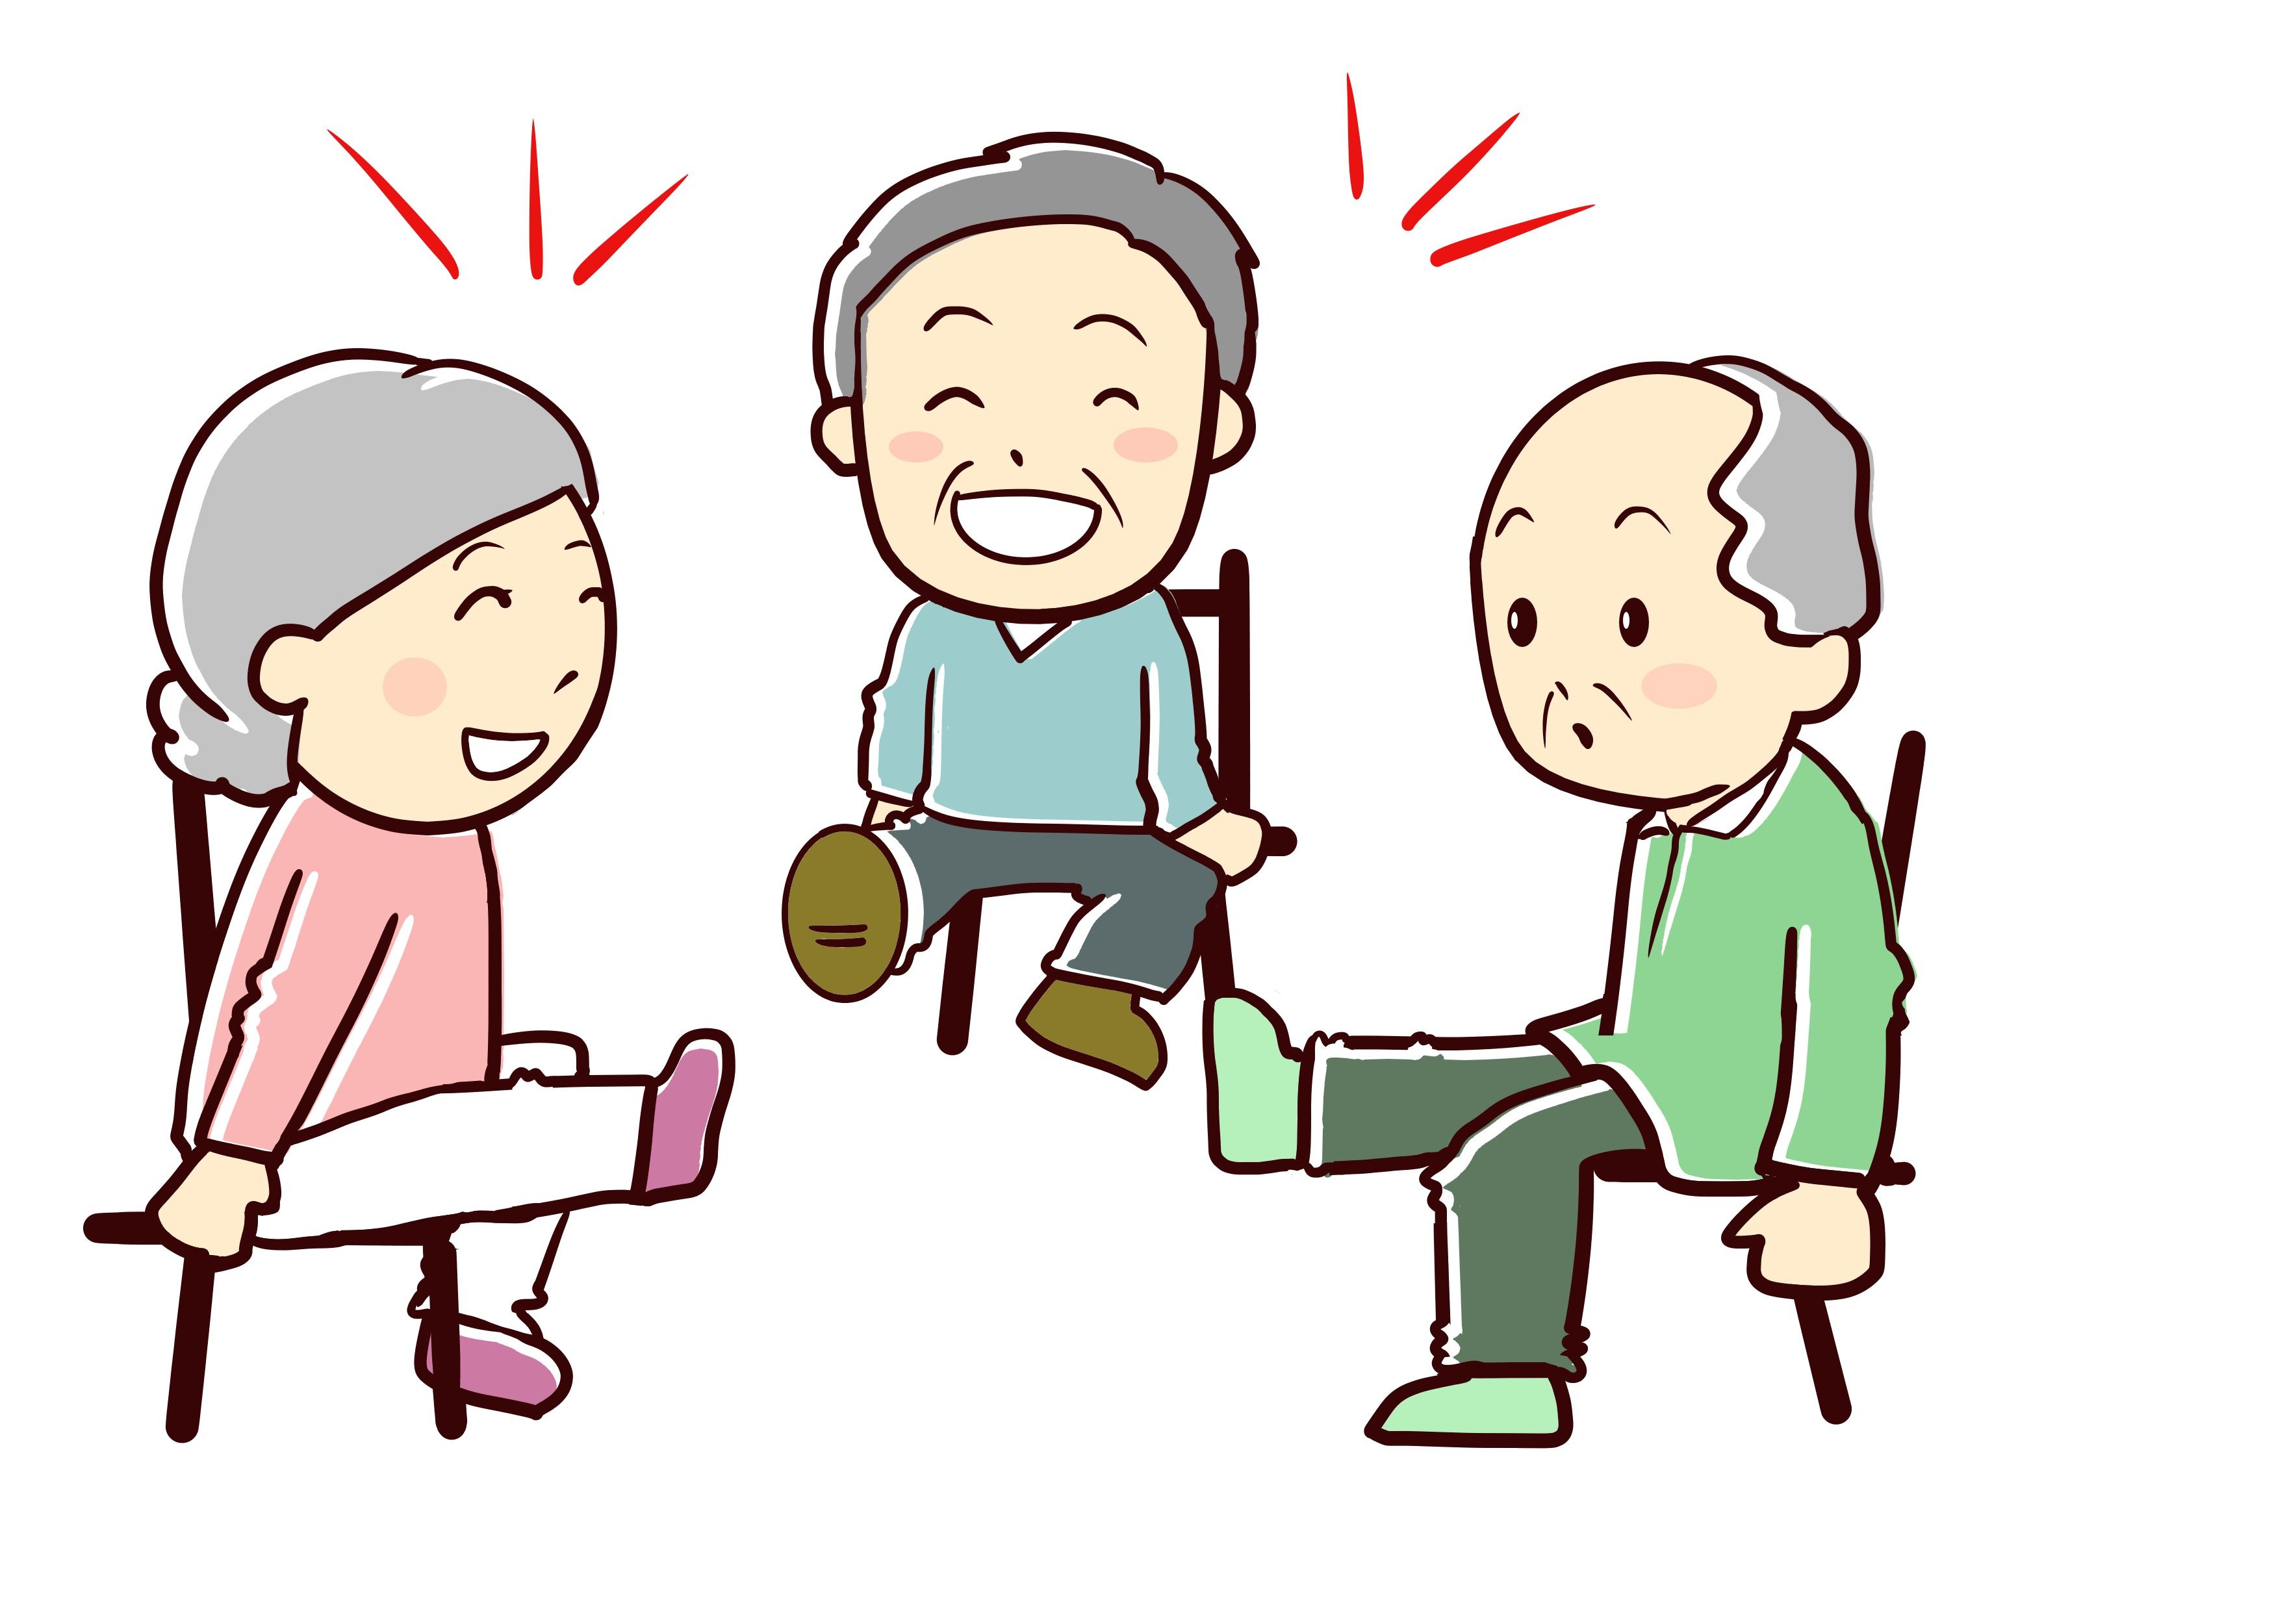 【手足を使うゲーム 6選】高齢者向け!!デイサービスレクにおすすめ!